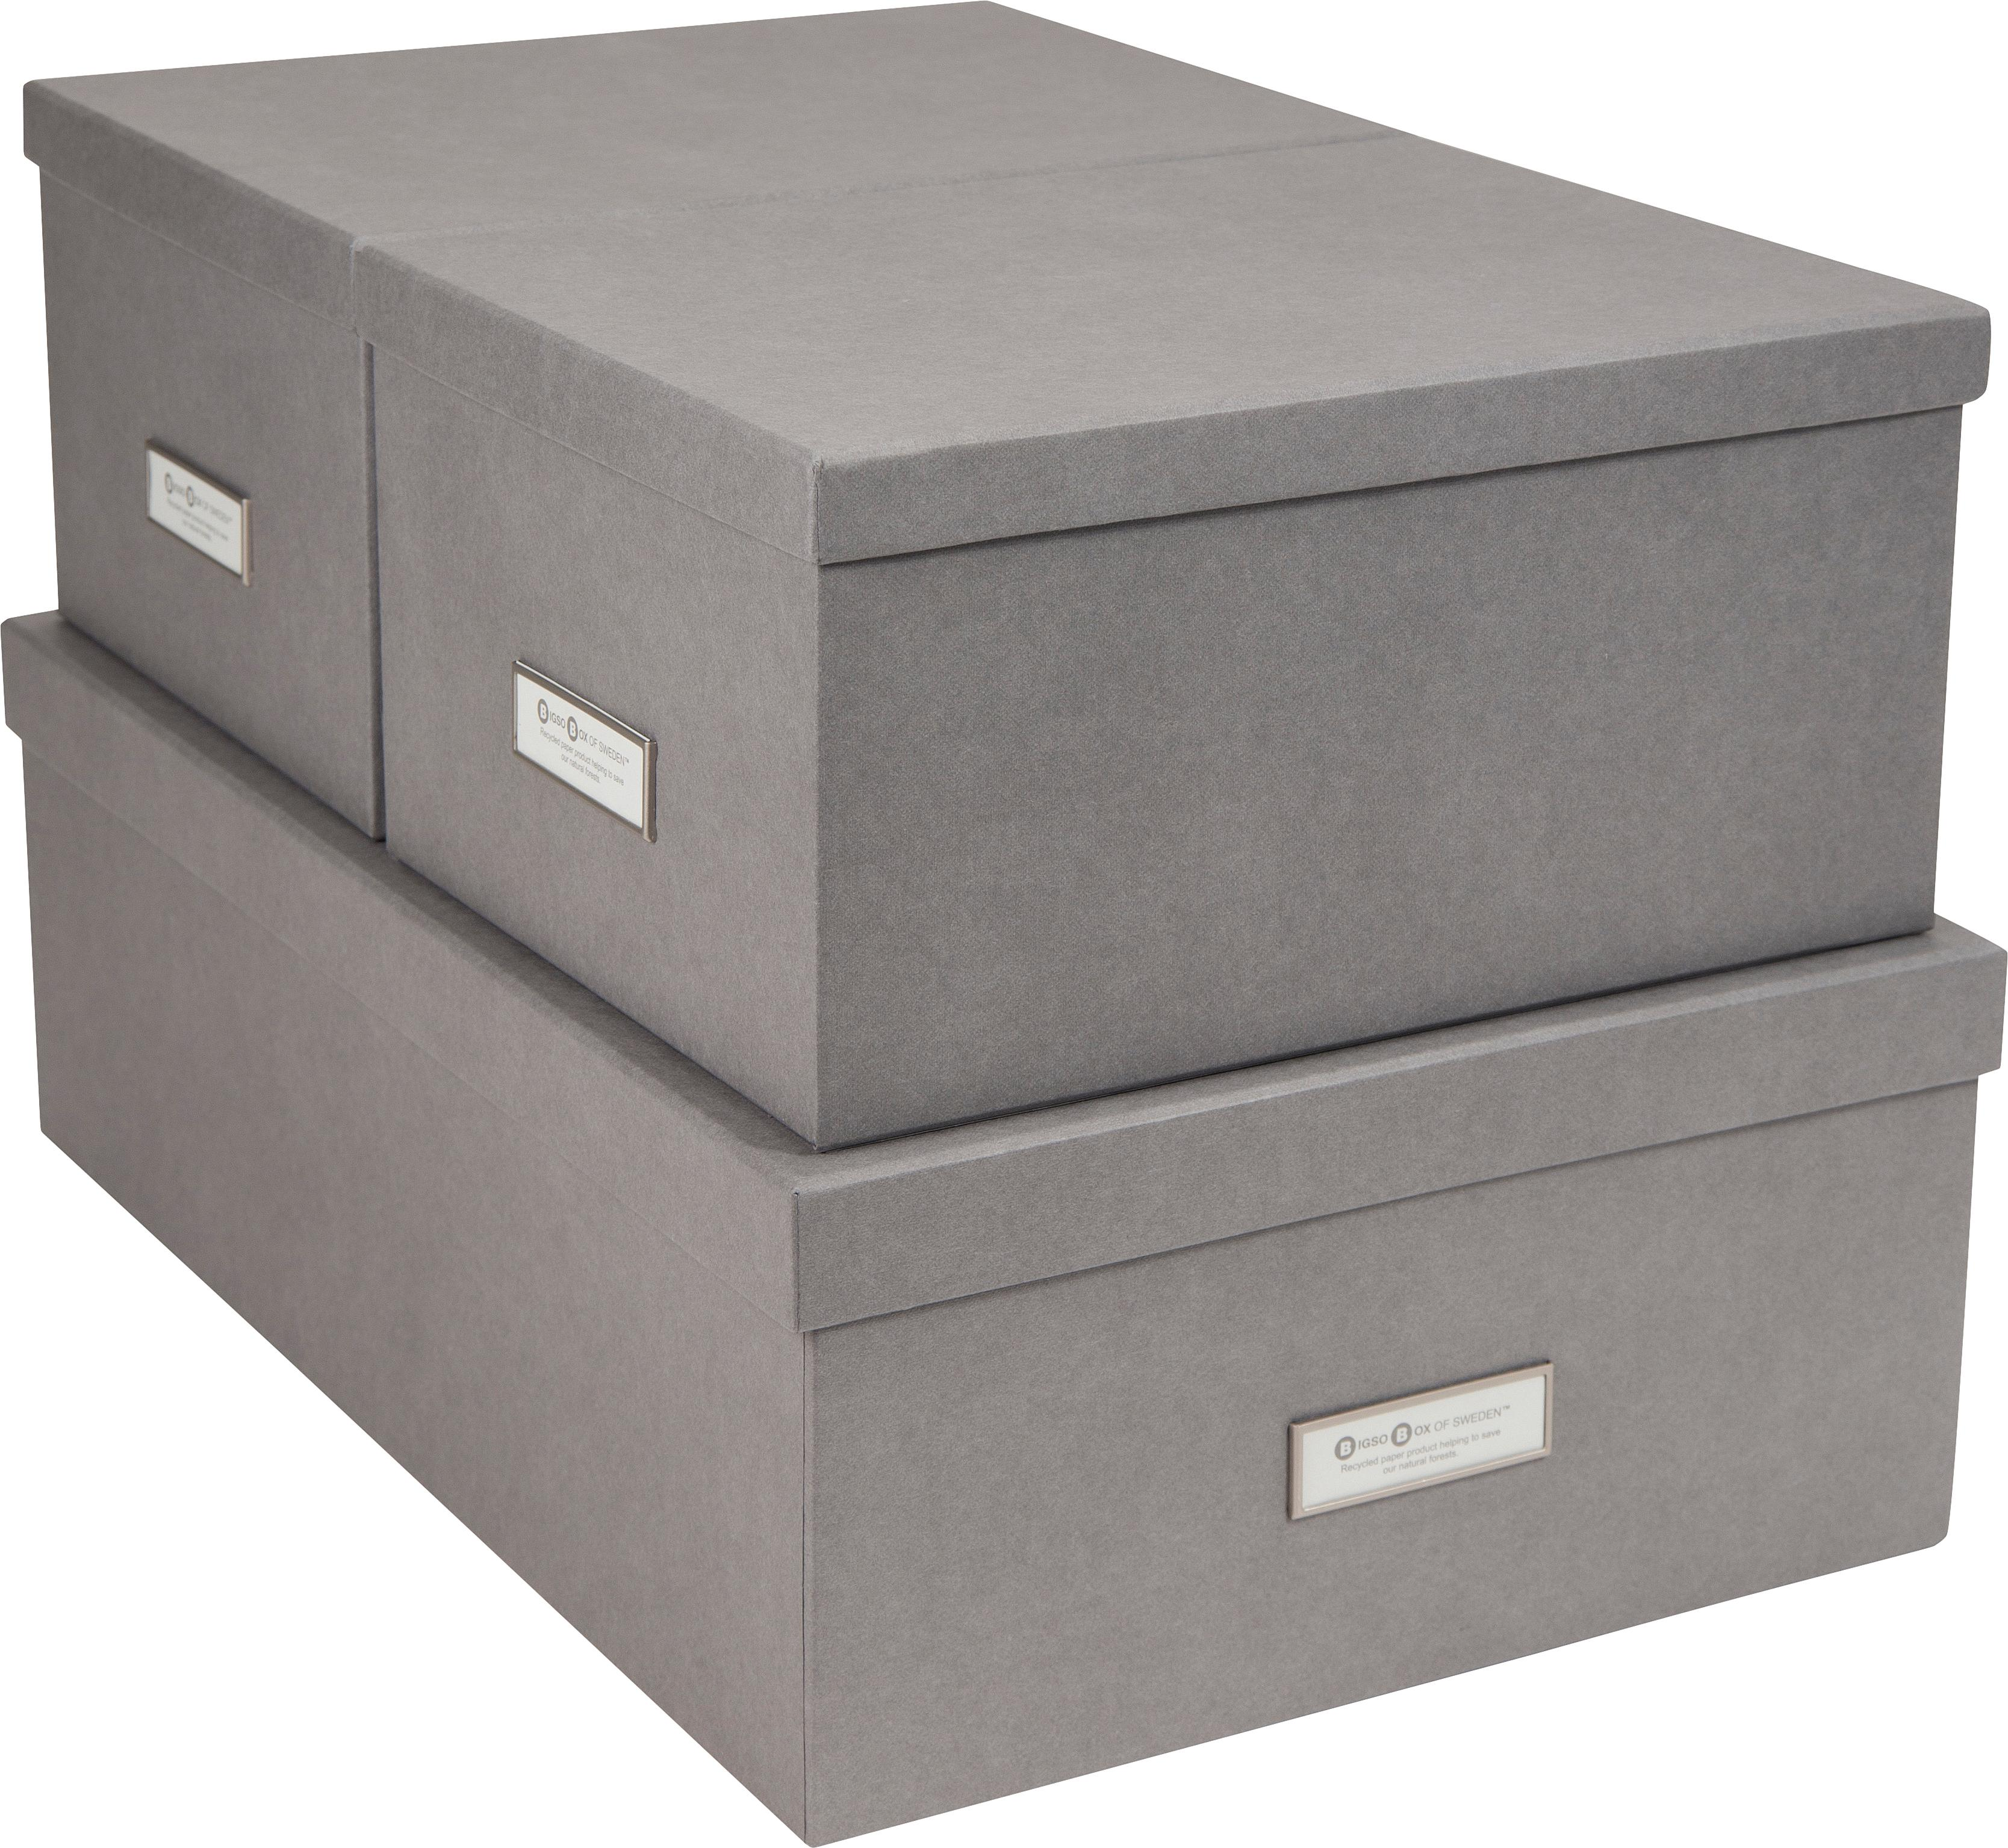 Set 3 scatole Inge, Scatola: solido, cartone laminato, Scatola esterno: grigio chiaro Scatola interno: bianco, Diverse dimensioni